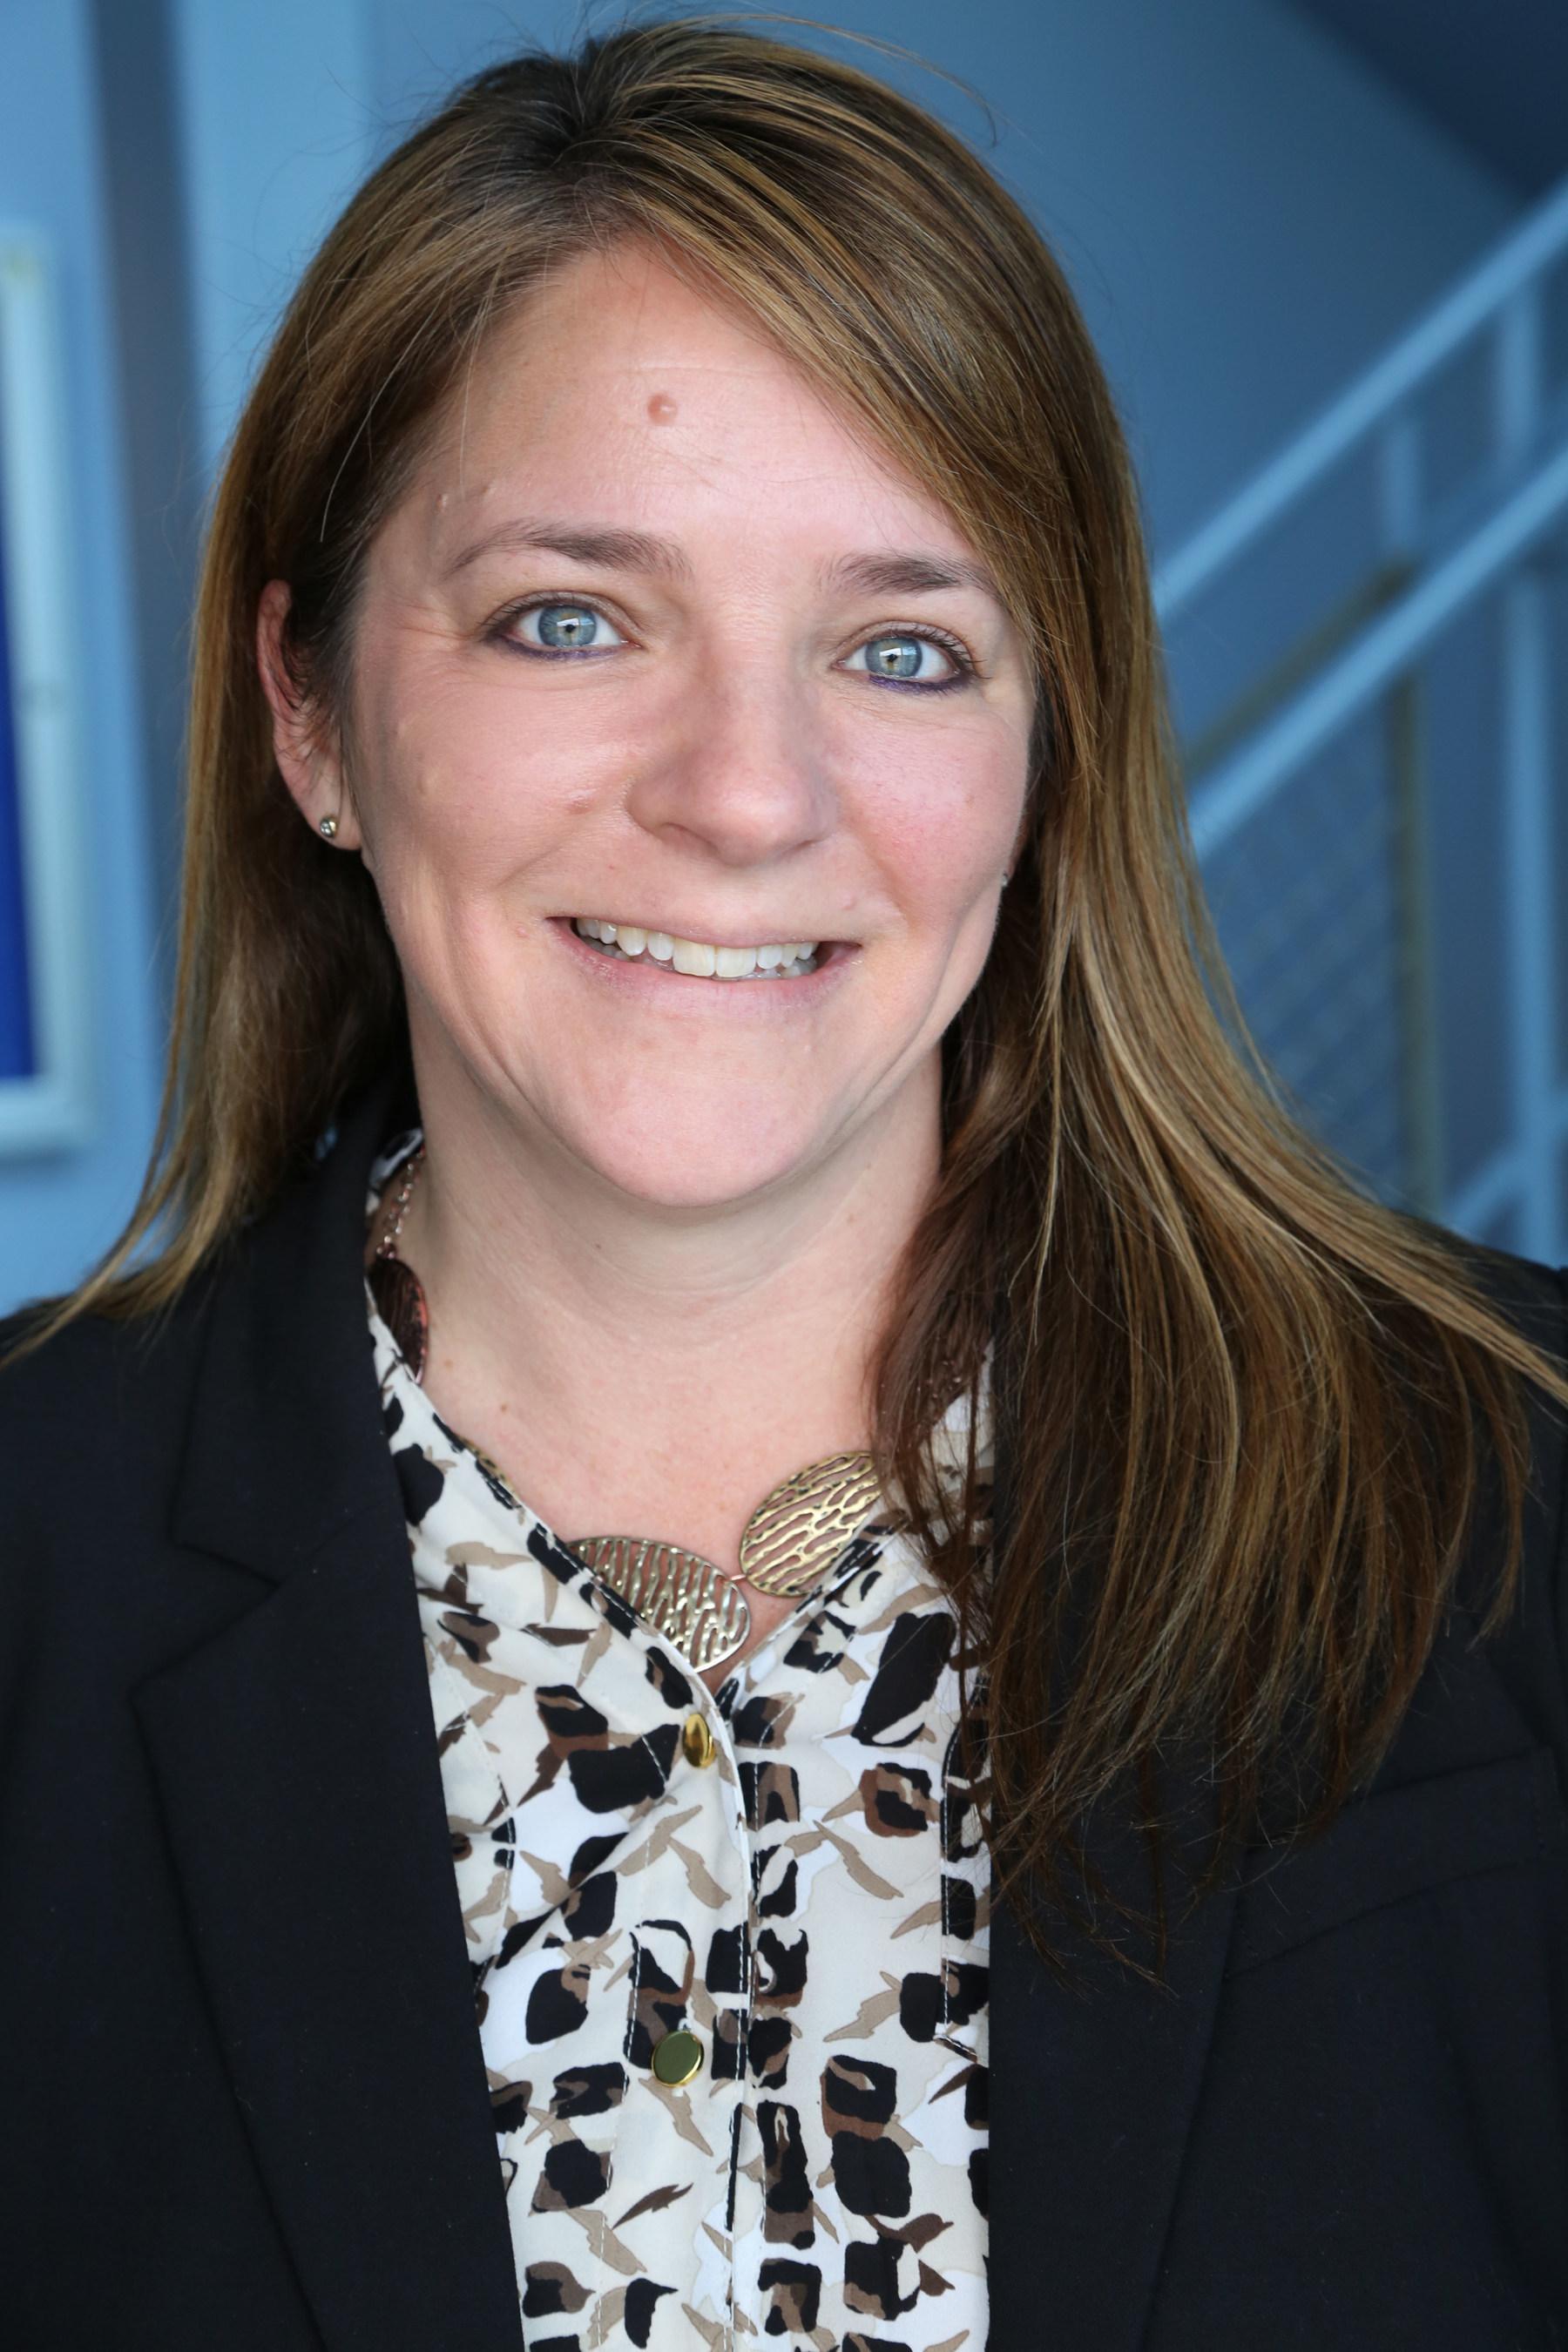 Christa Lese Martin, Ph.D., director and senior investigator of Geisinger Health System's Autism & Developmental Medicine Institute (ADMI)